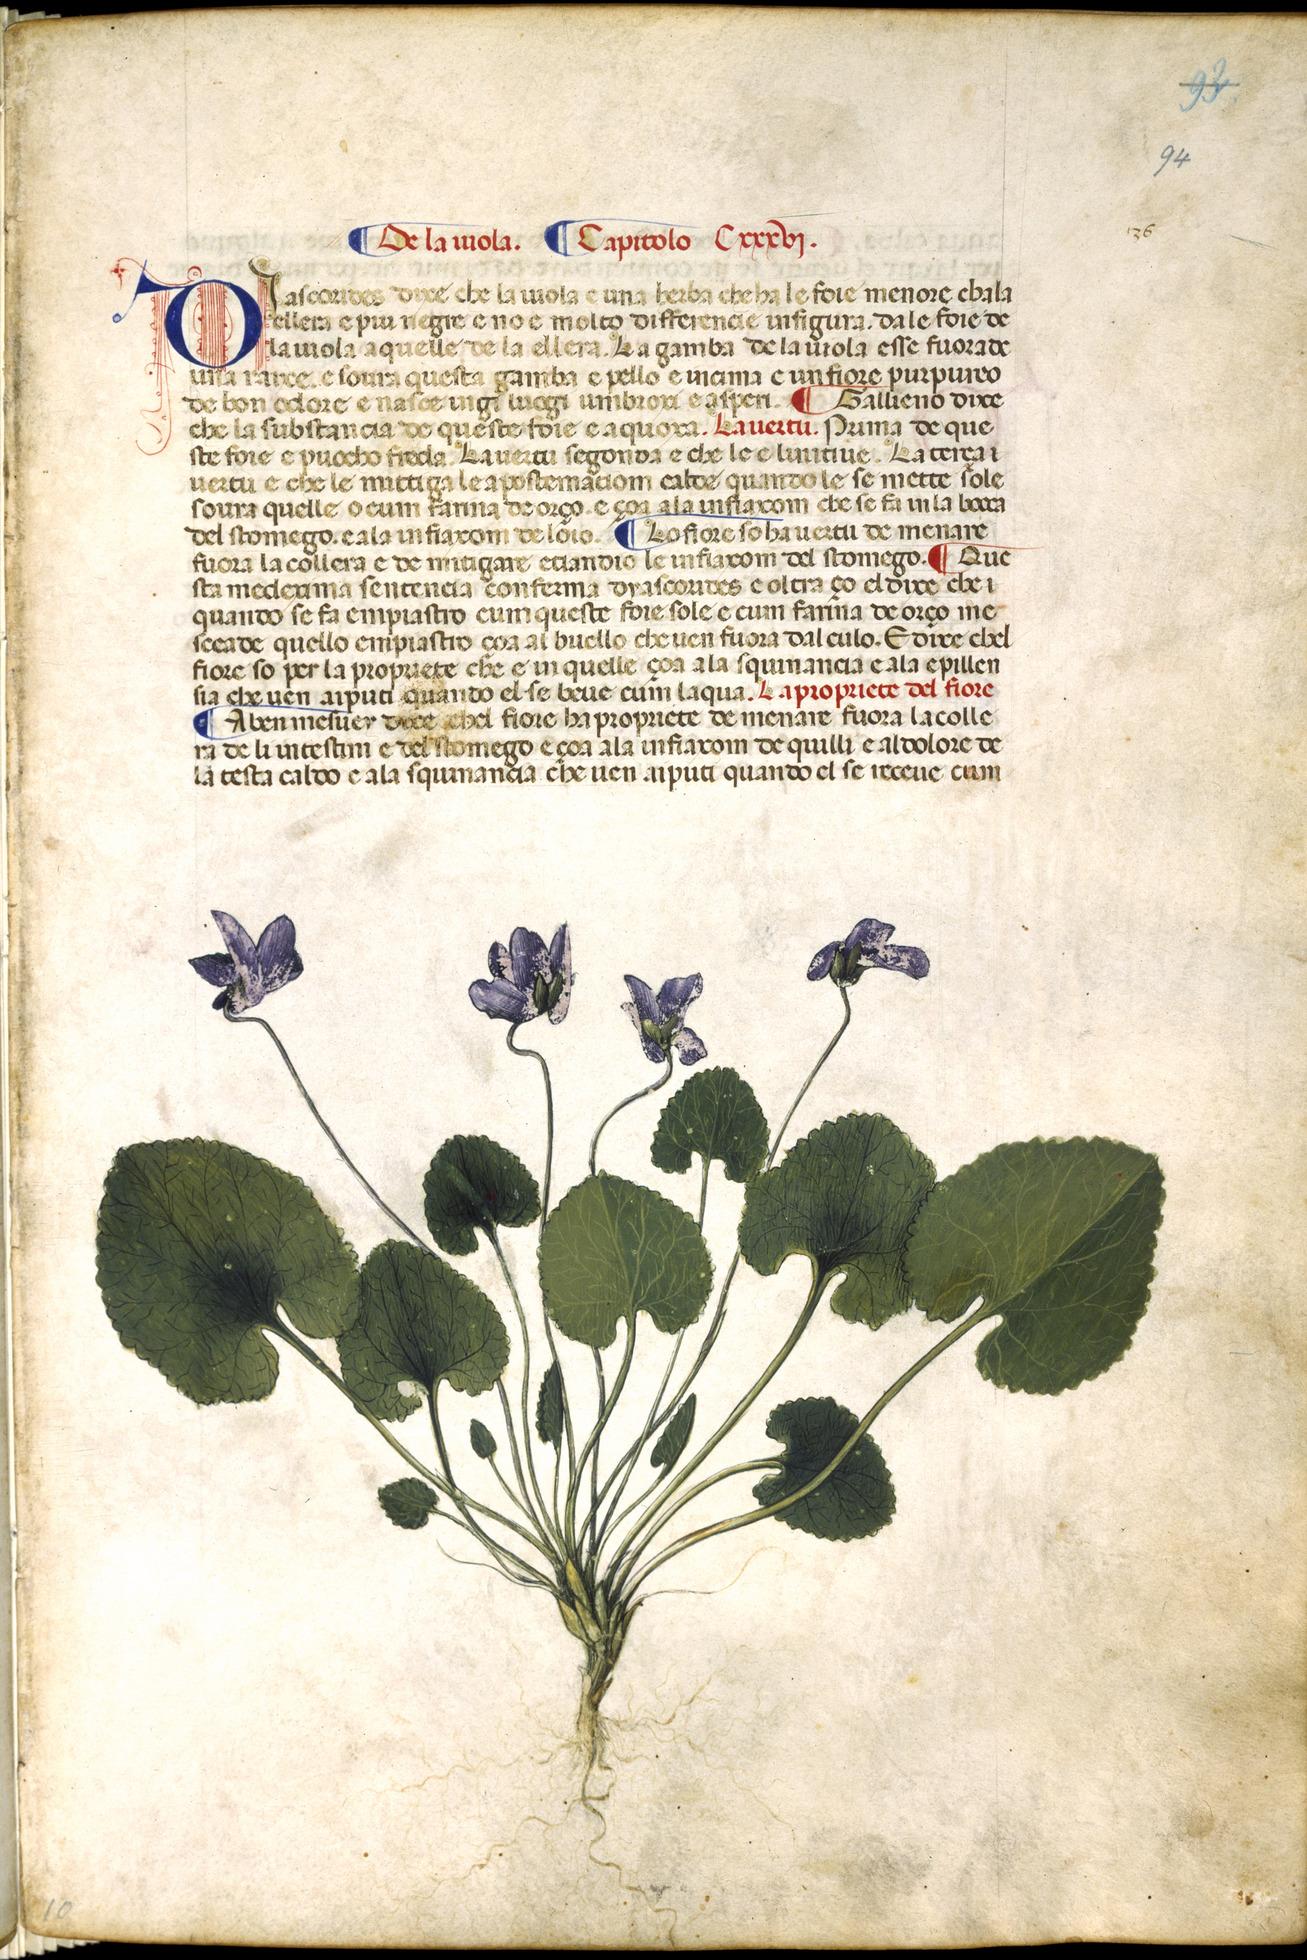 Violet_plant_-_Carrara_Herbal_(c.1400),_f.94_-_BL_Egerton_MS_2020